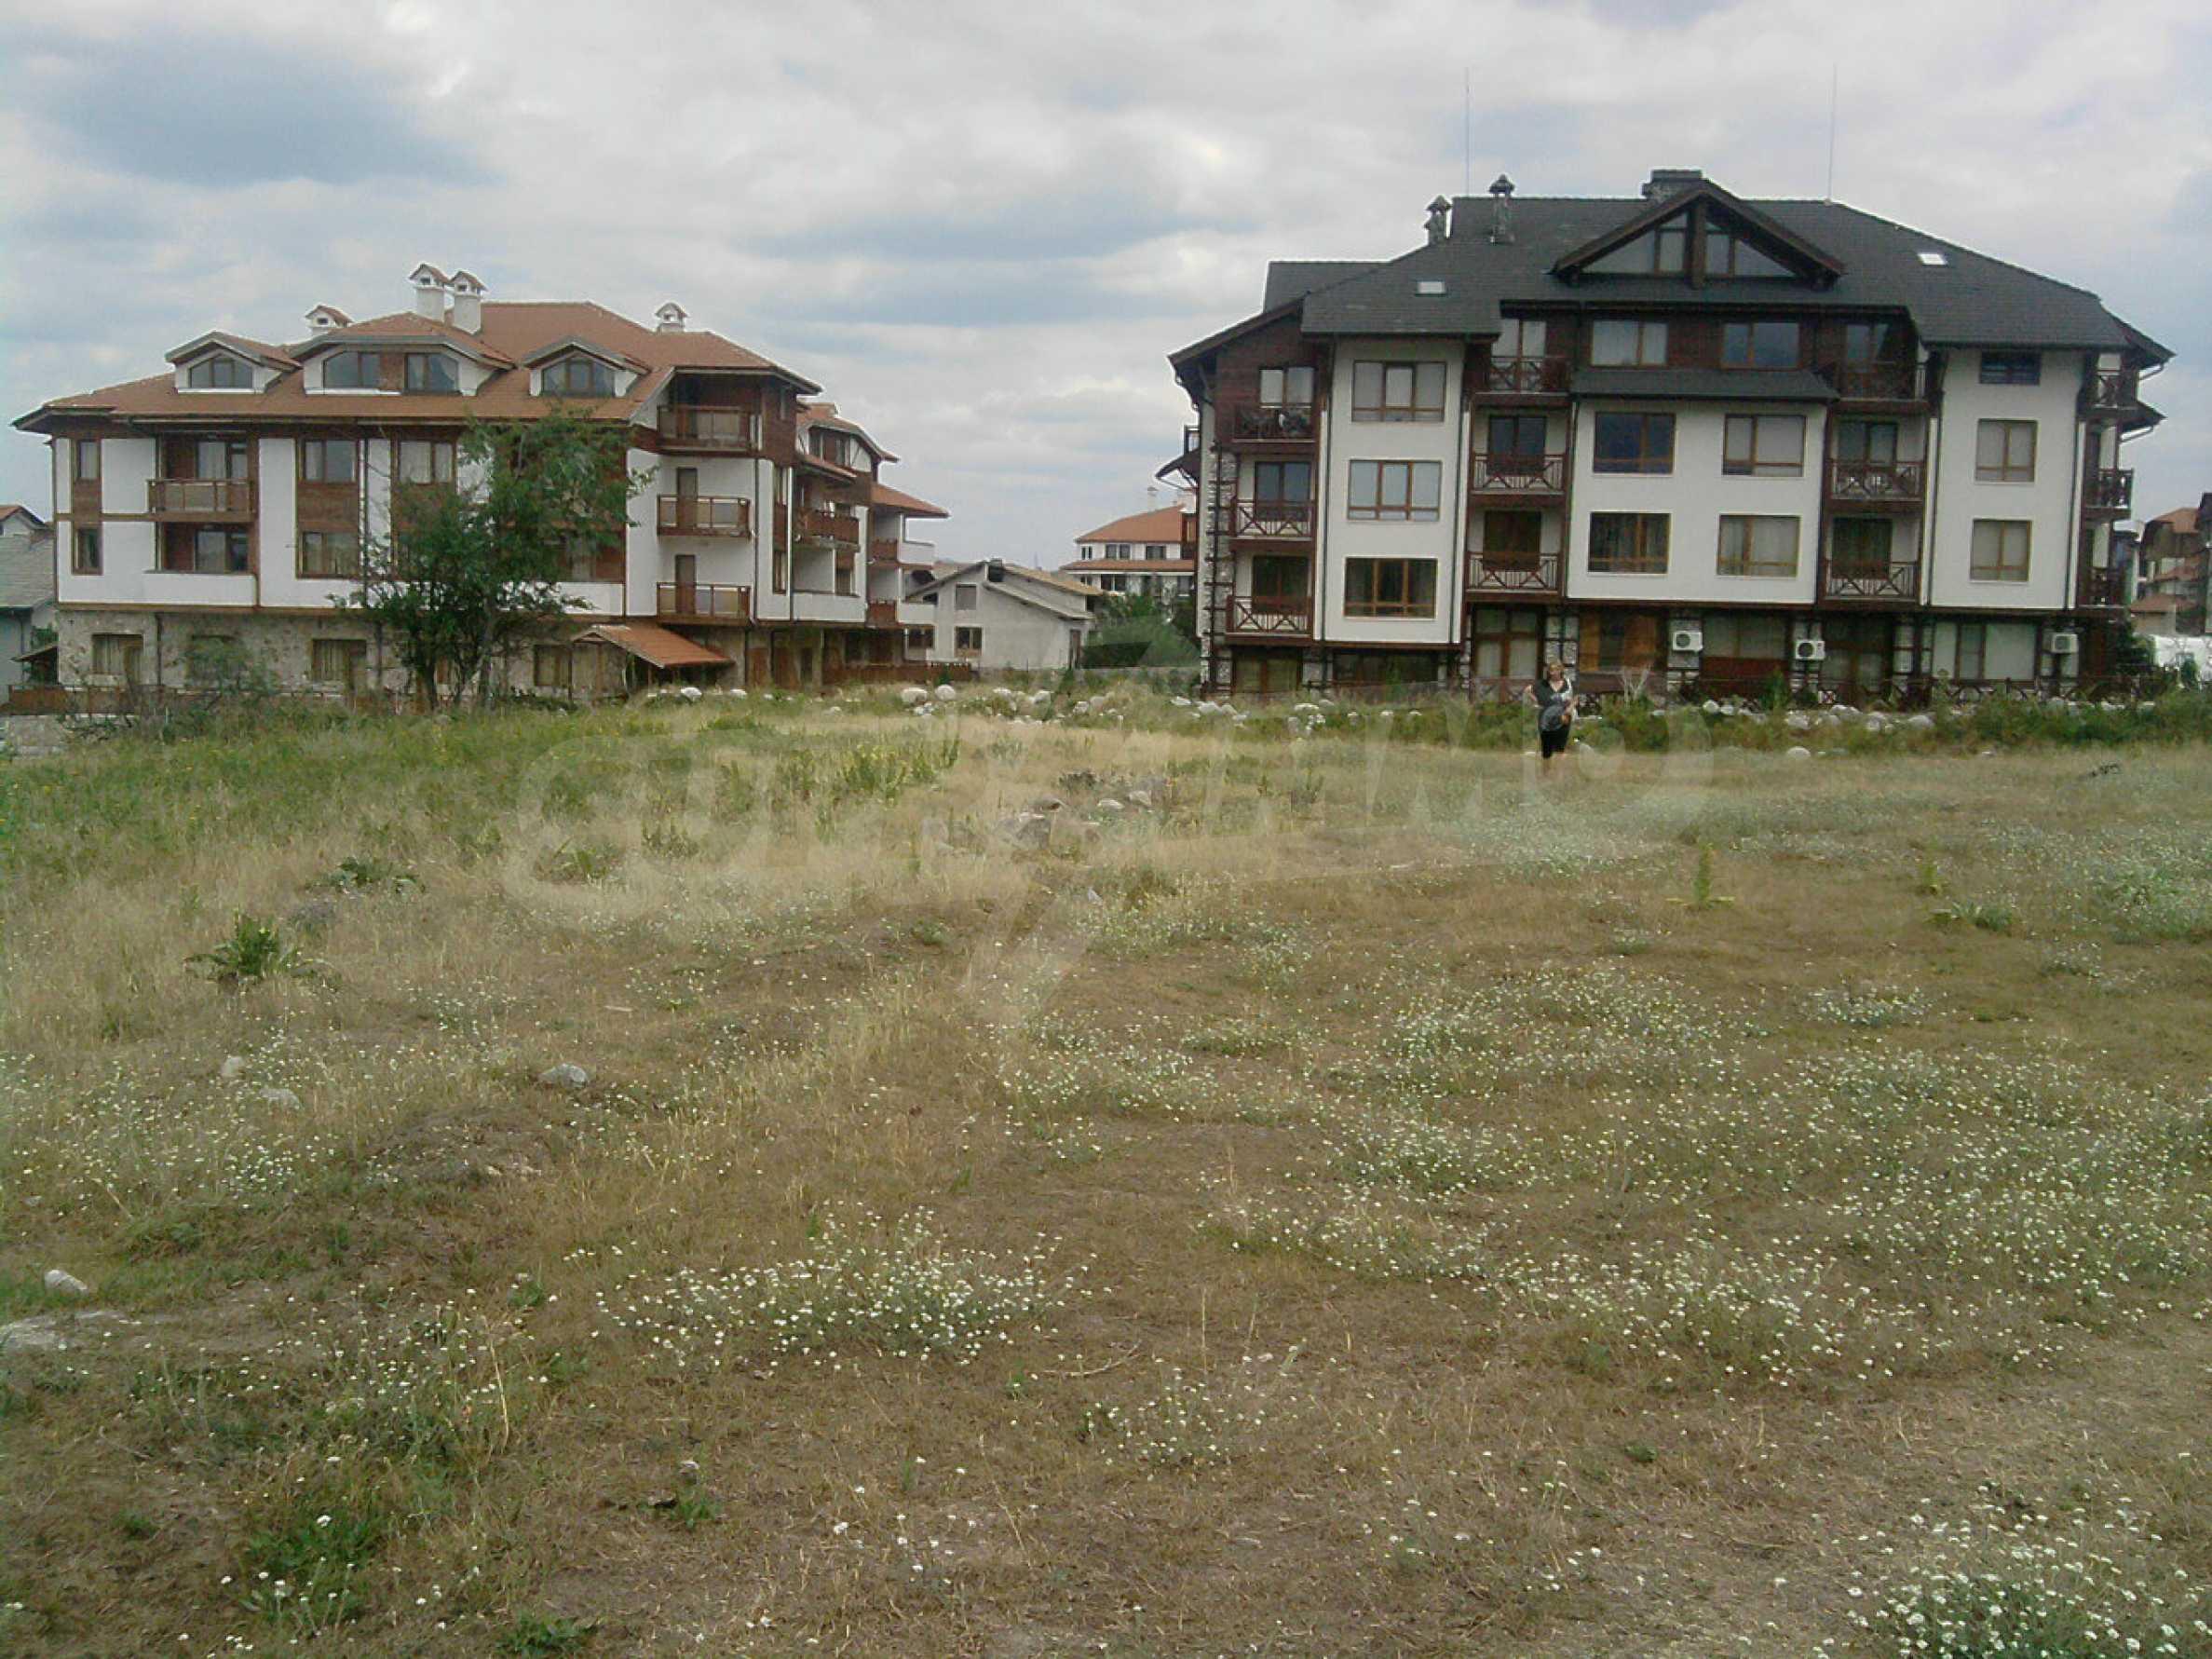 Baugrundstück 400 m vom Kabinenlift in Bansko entfernt 1